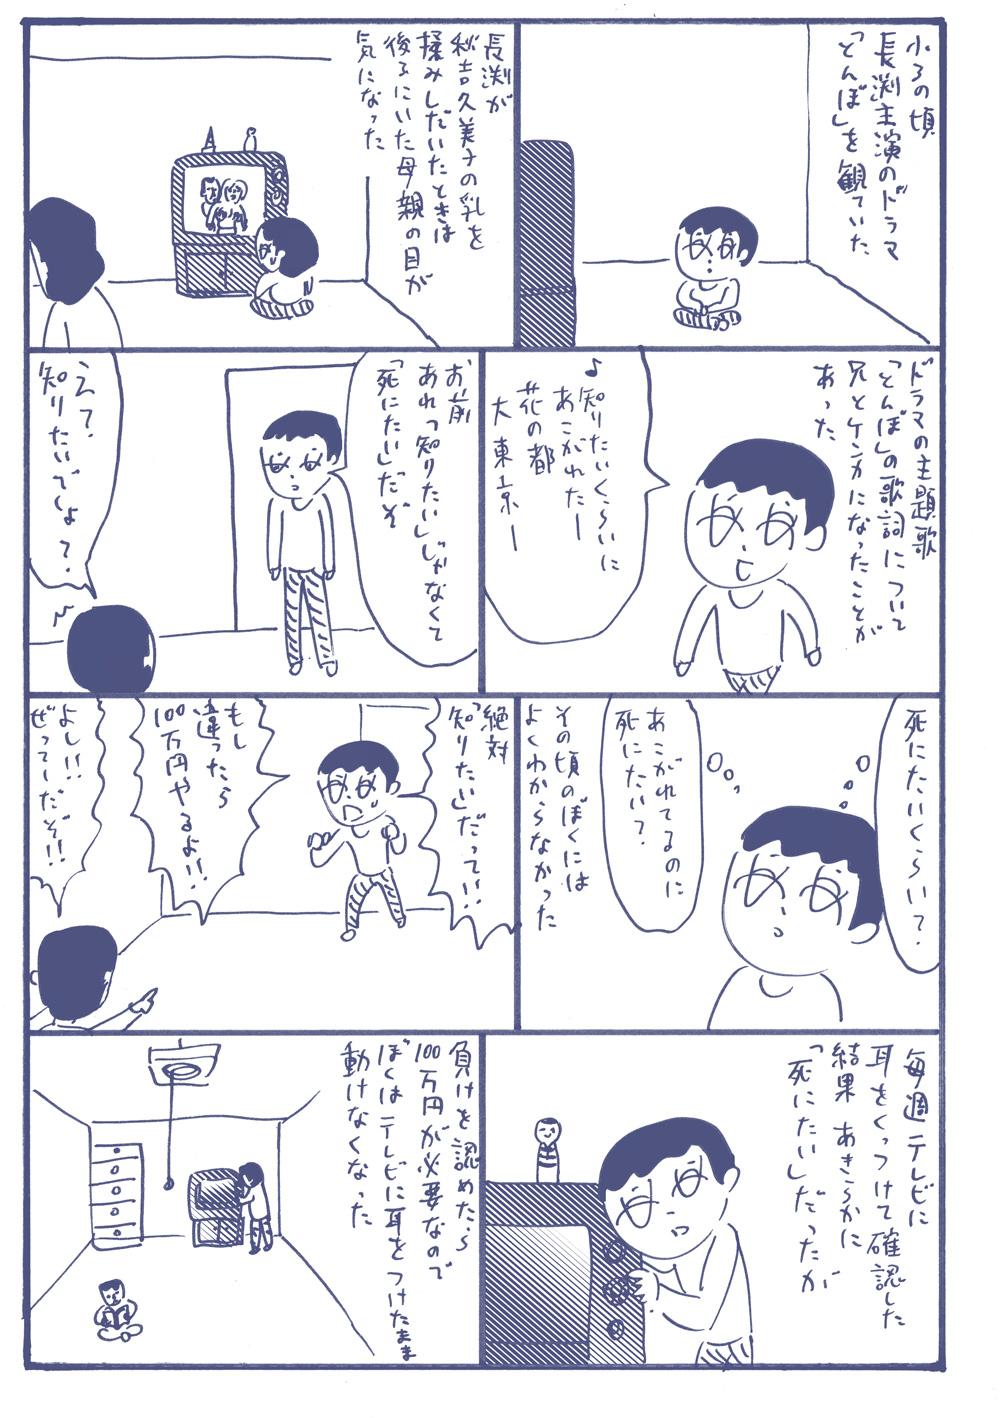 oohashi-006